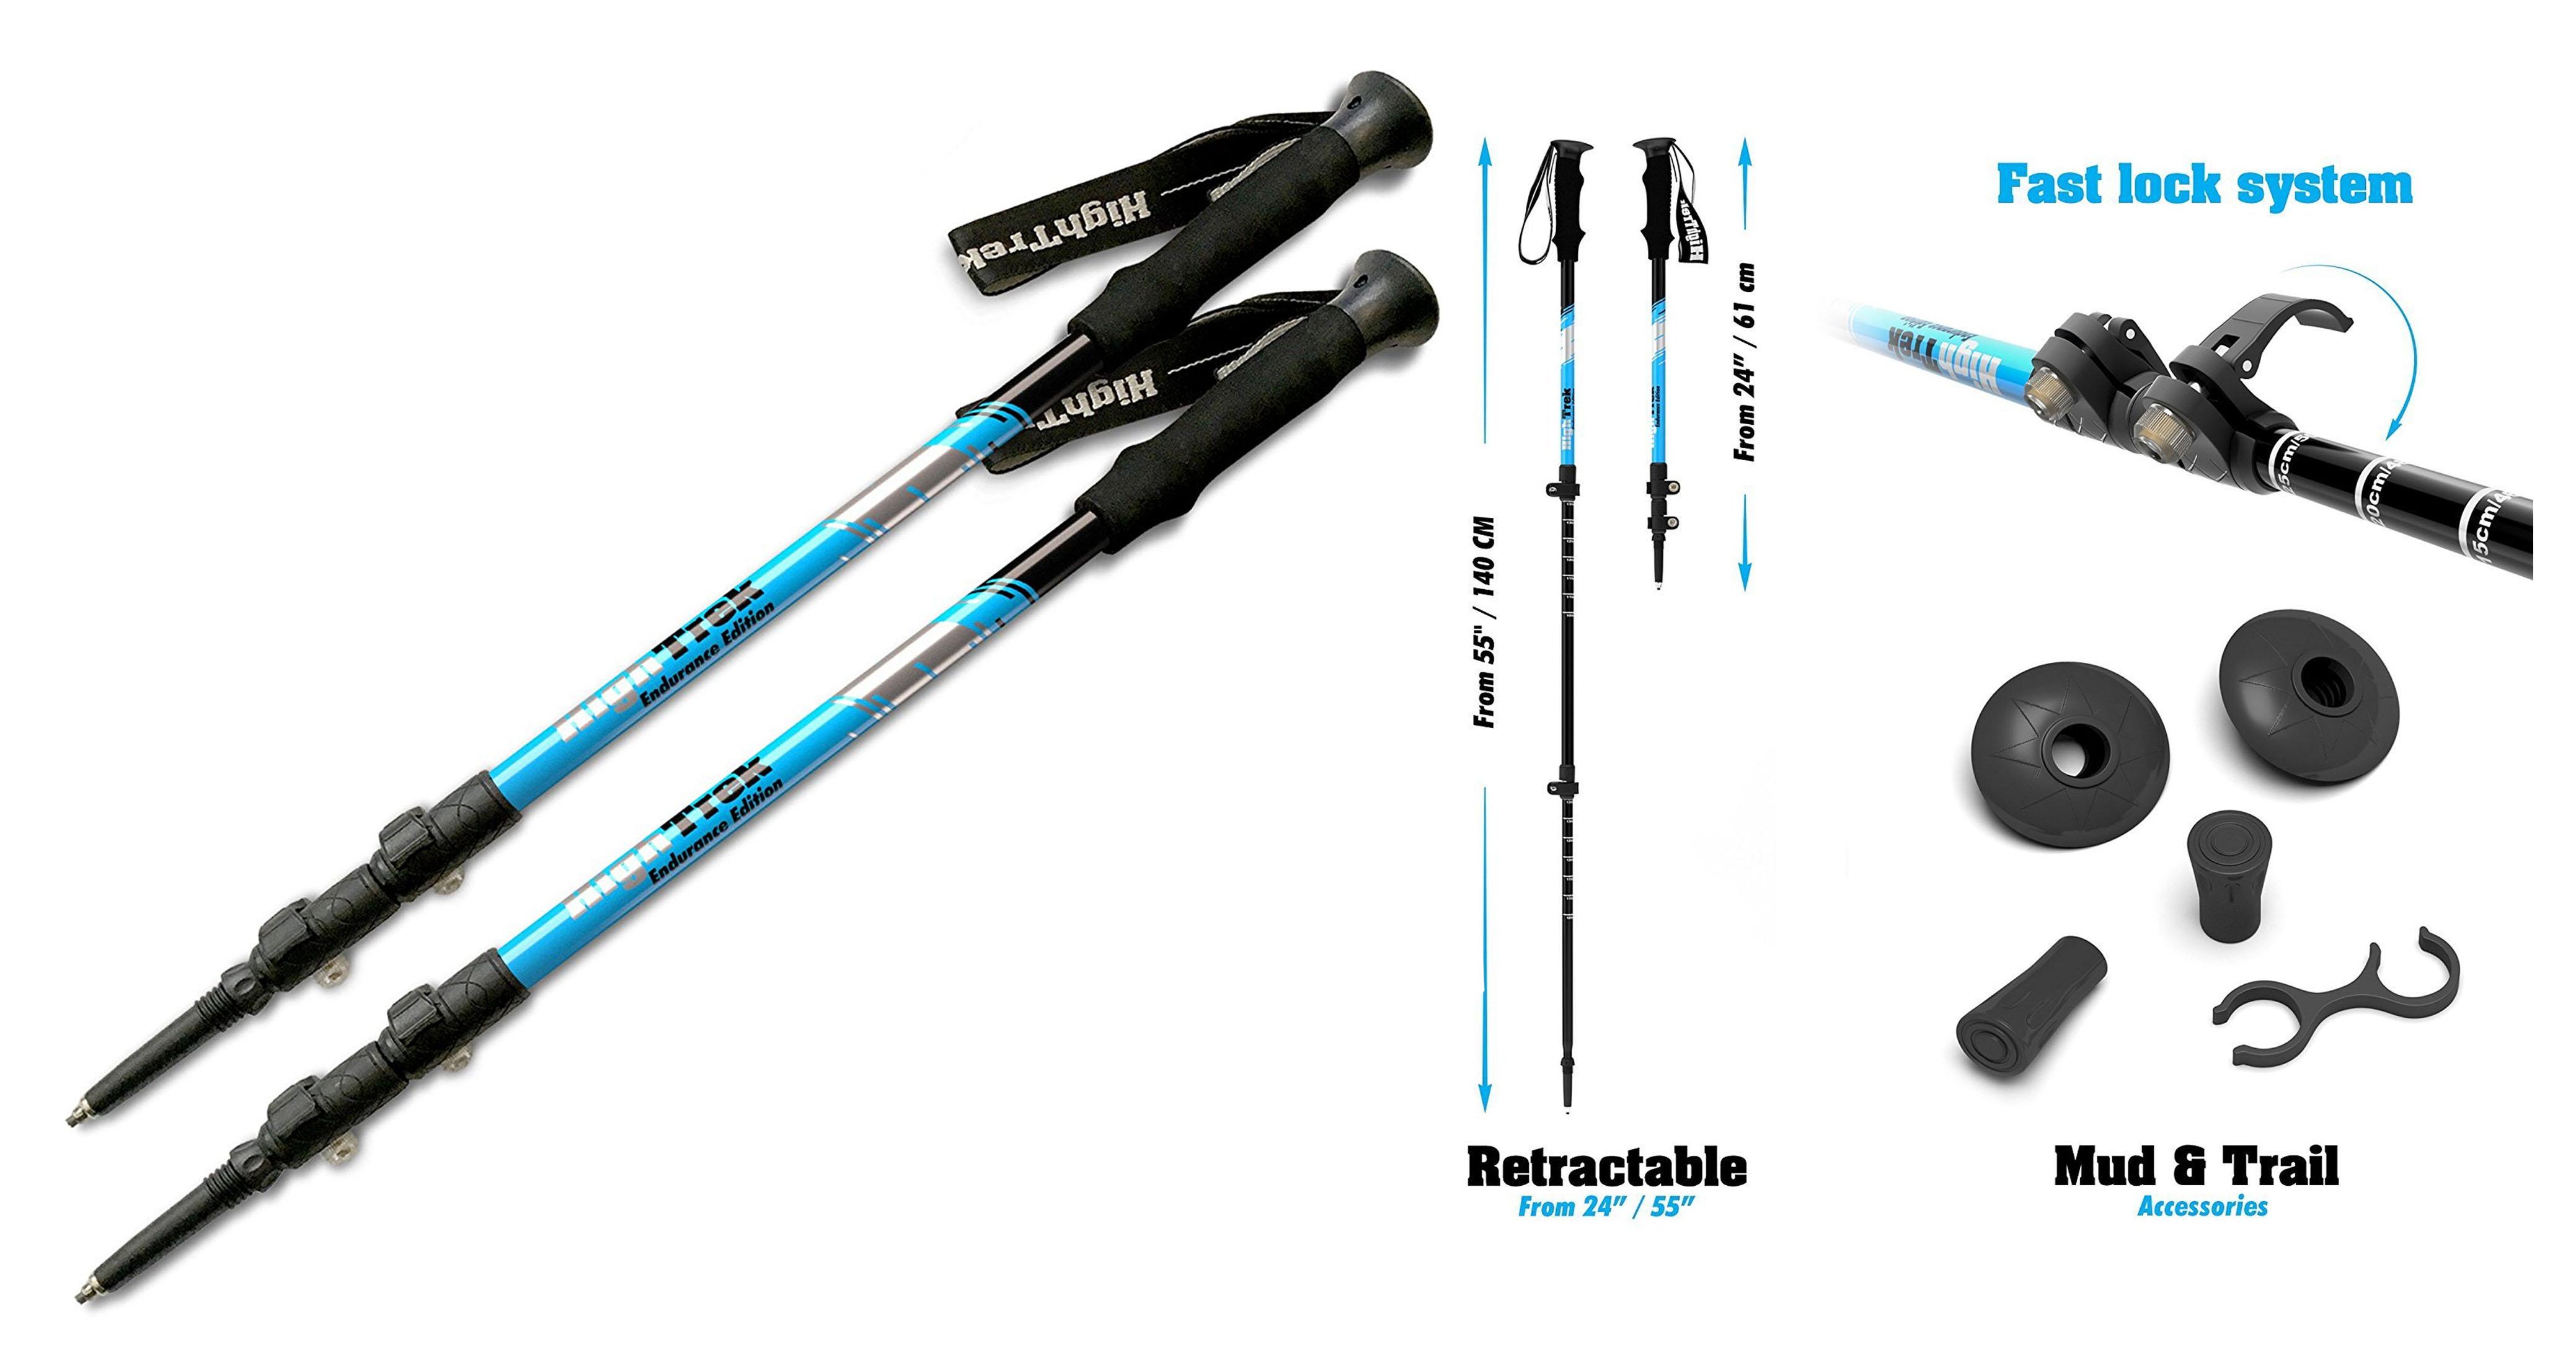 High Trek Premium Ultralight Trekking Poles with Sweat-Absorbing - EVA Grips